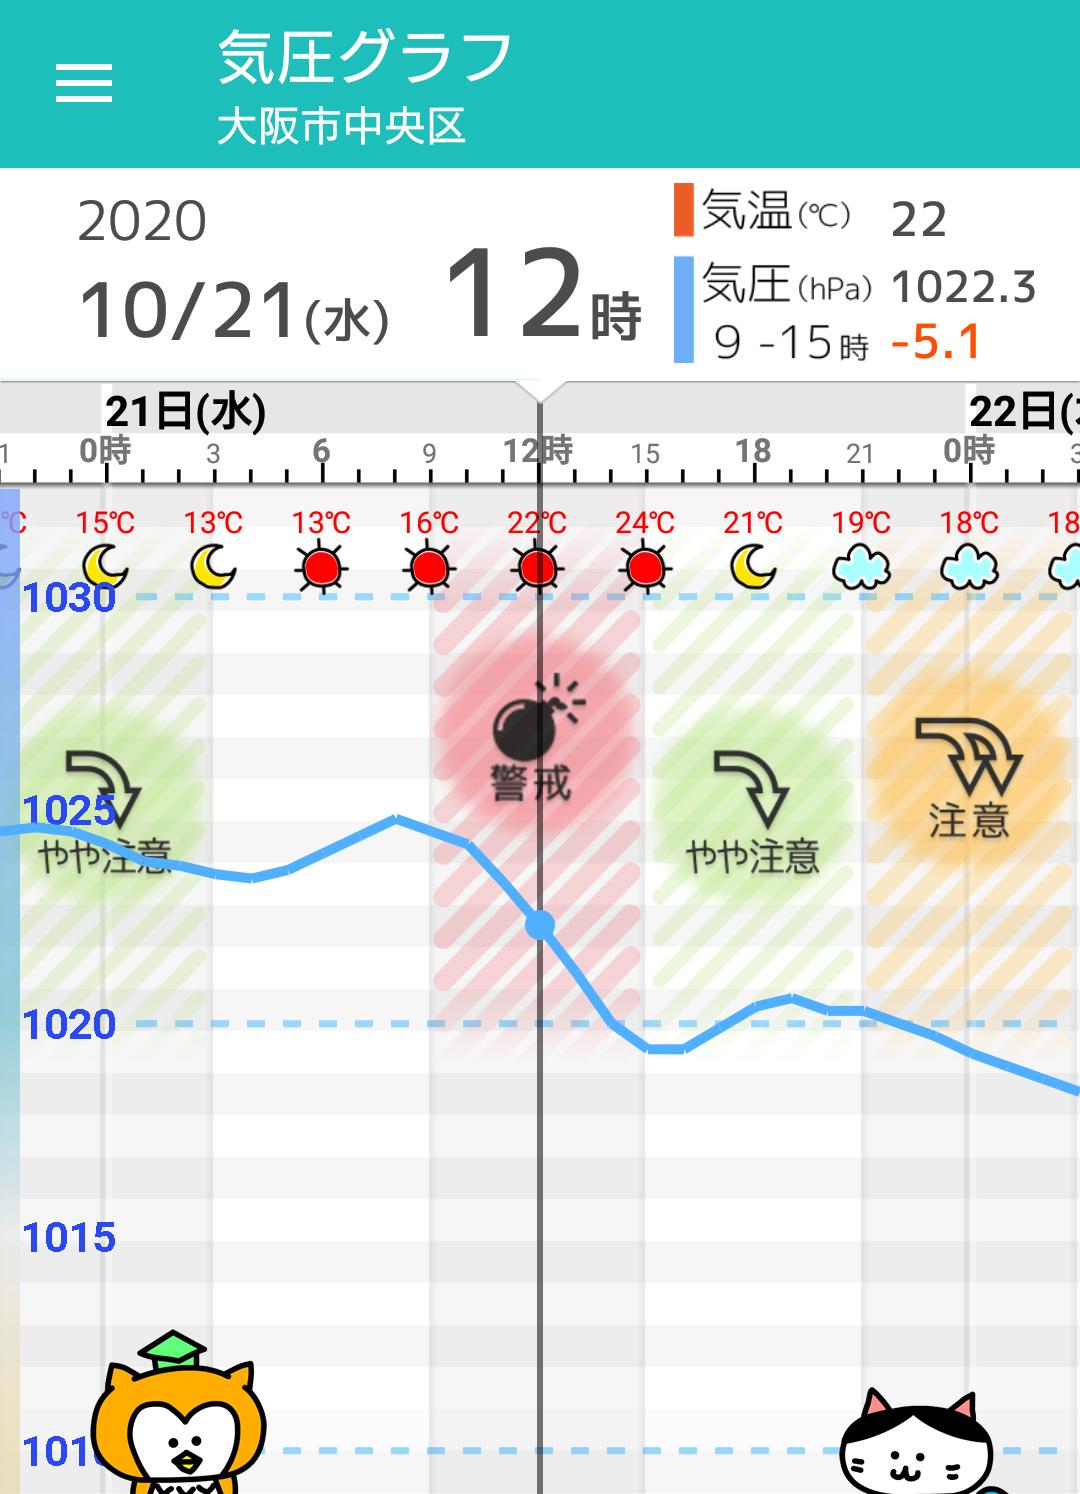 天気 大阪 大阪市の10日間天気(6時間ごと)